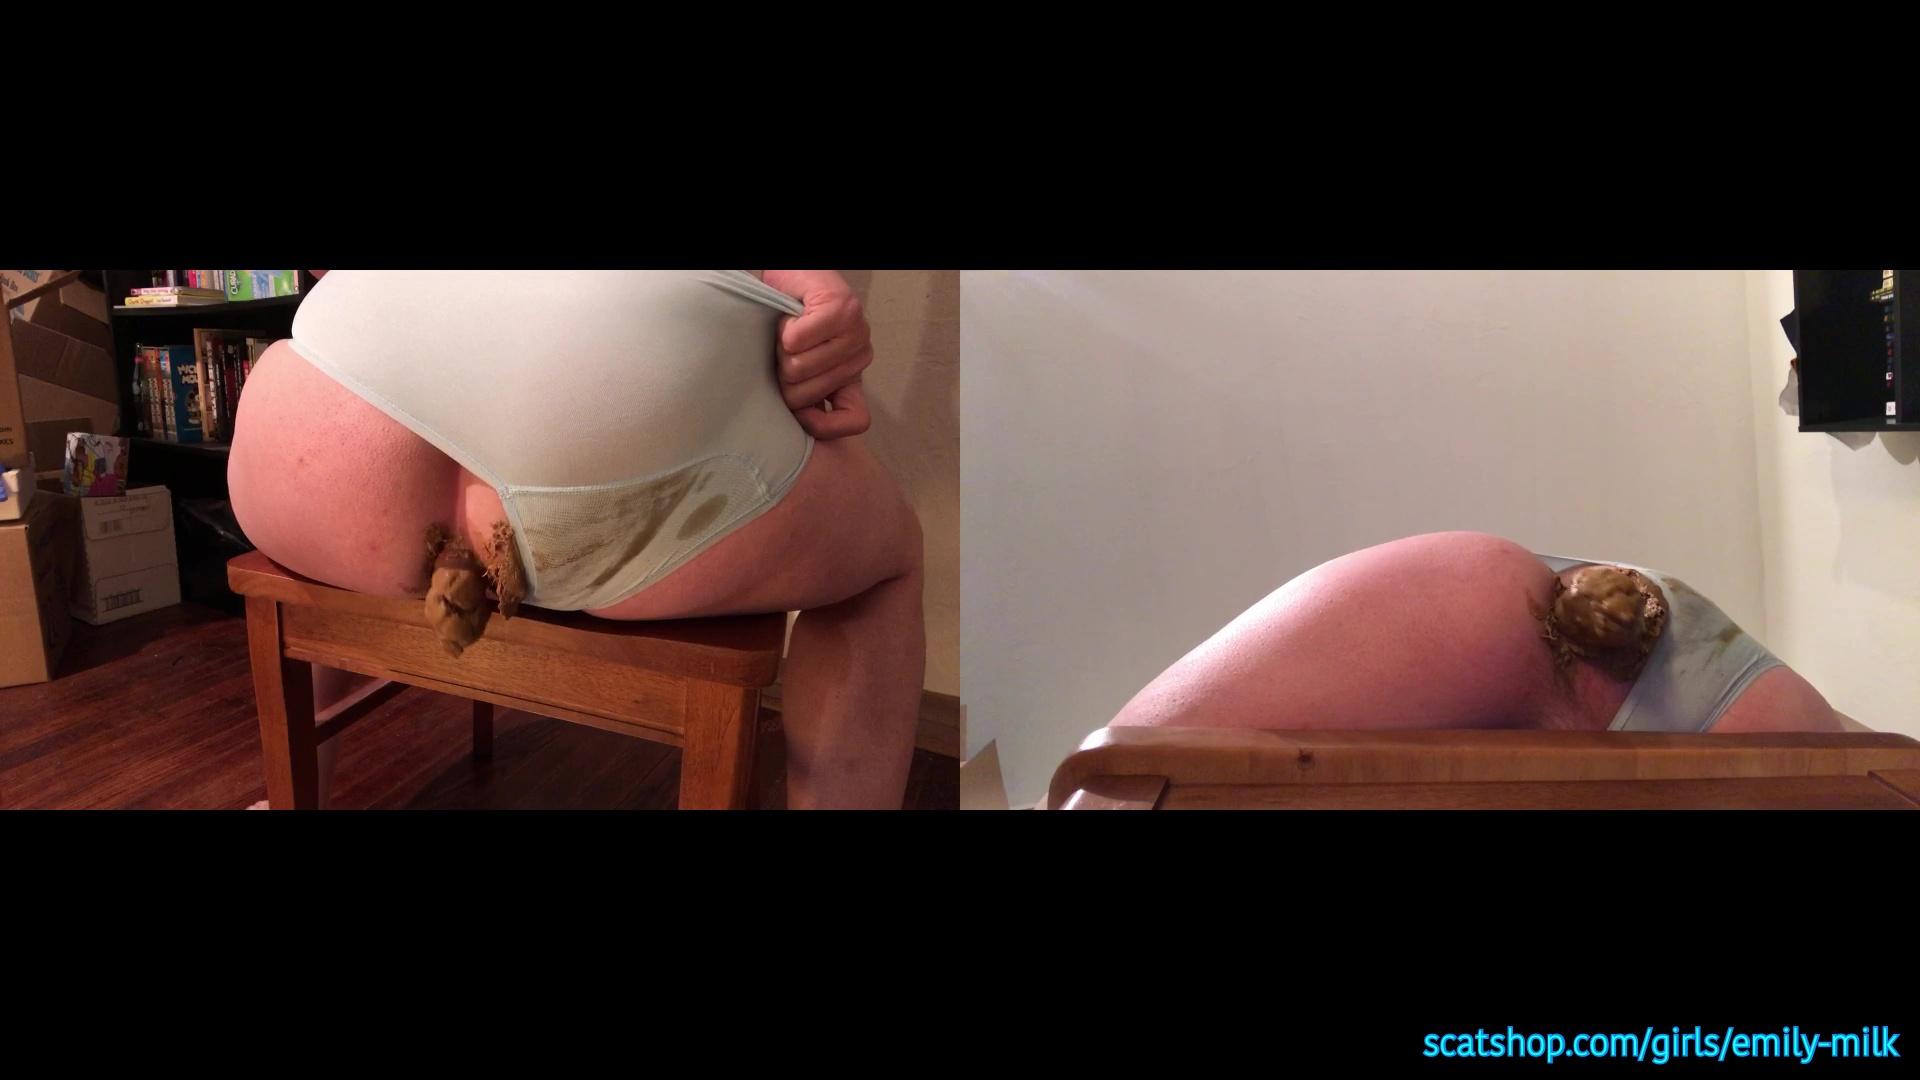 [TGirl]EmilyMilk - Panty Poop Chair! 2 Cameras.